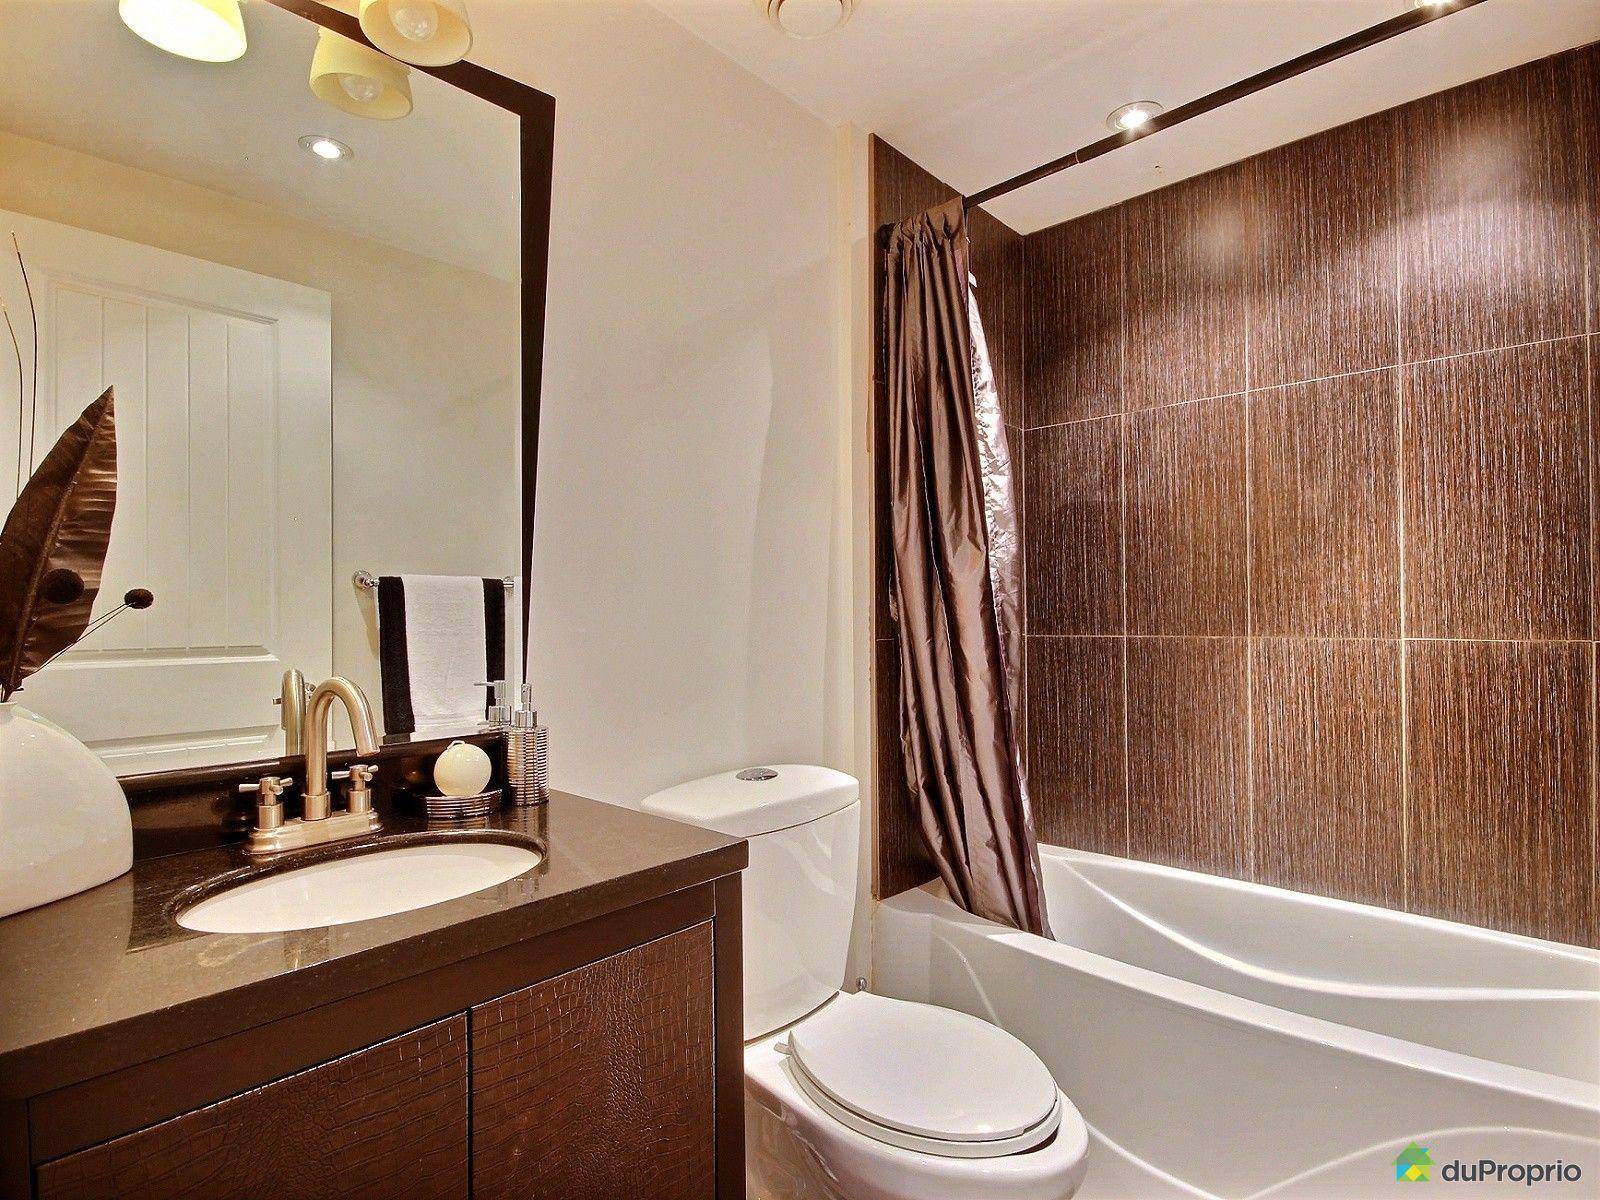 Maison vendre st tienne de beauharnois 31 rue for Salle de bain saint etienne